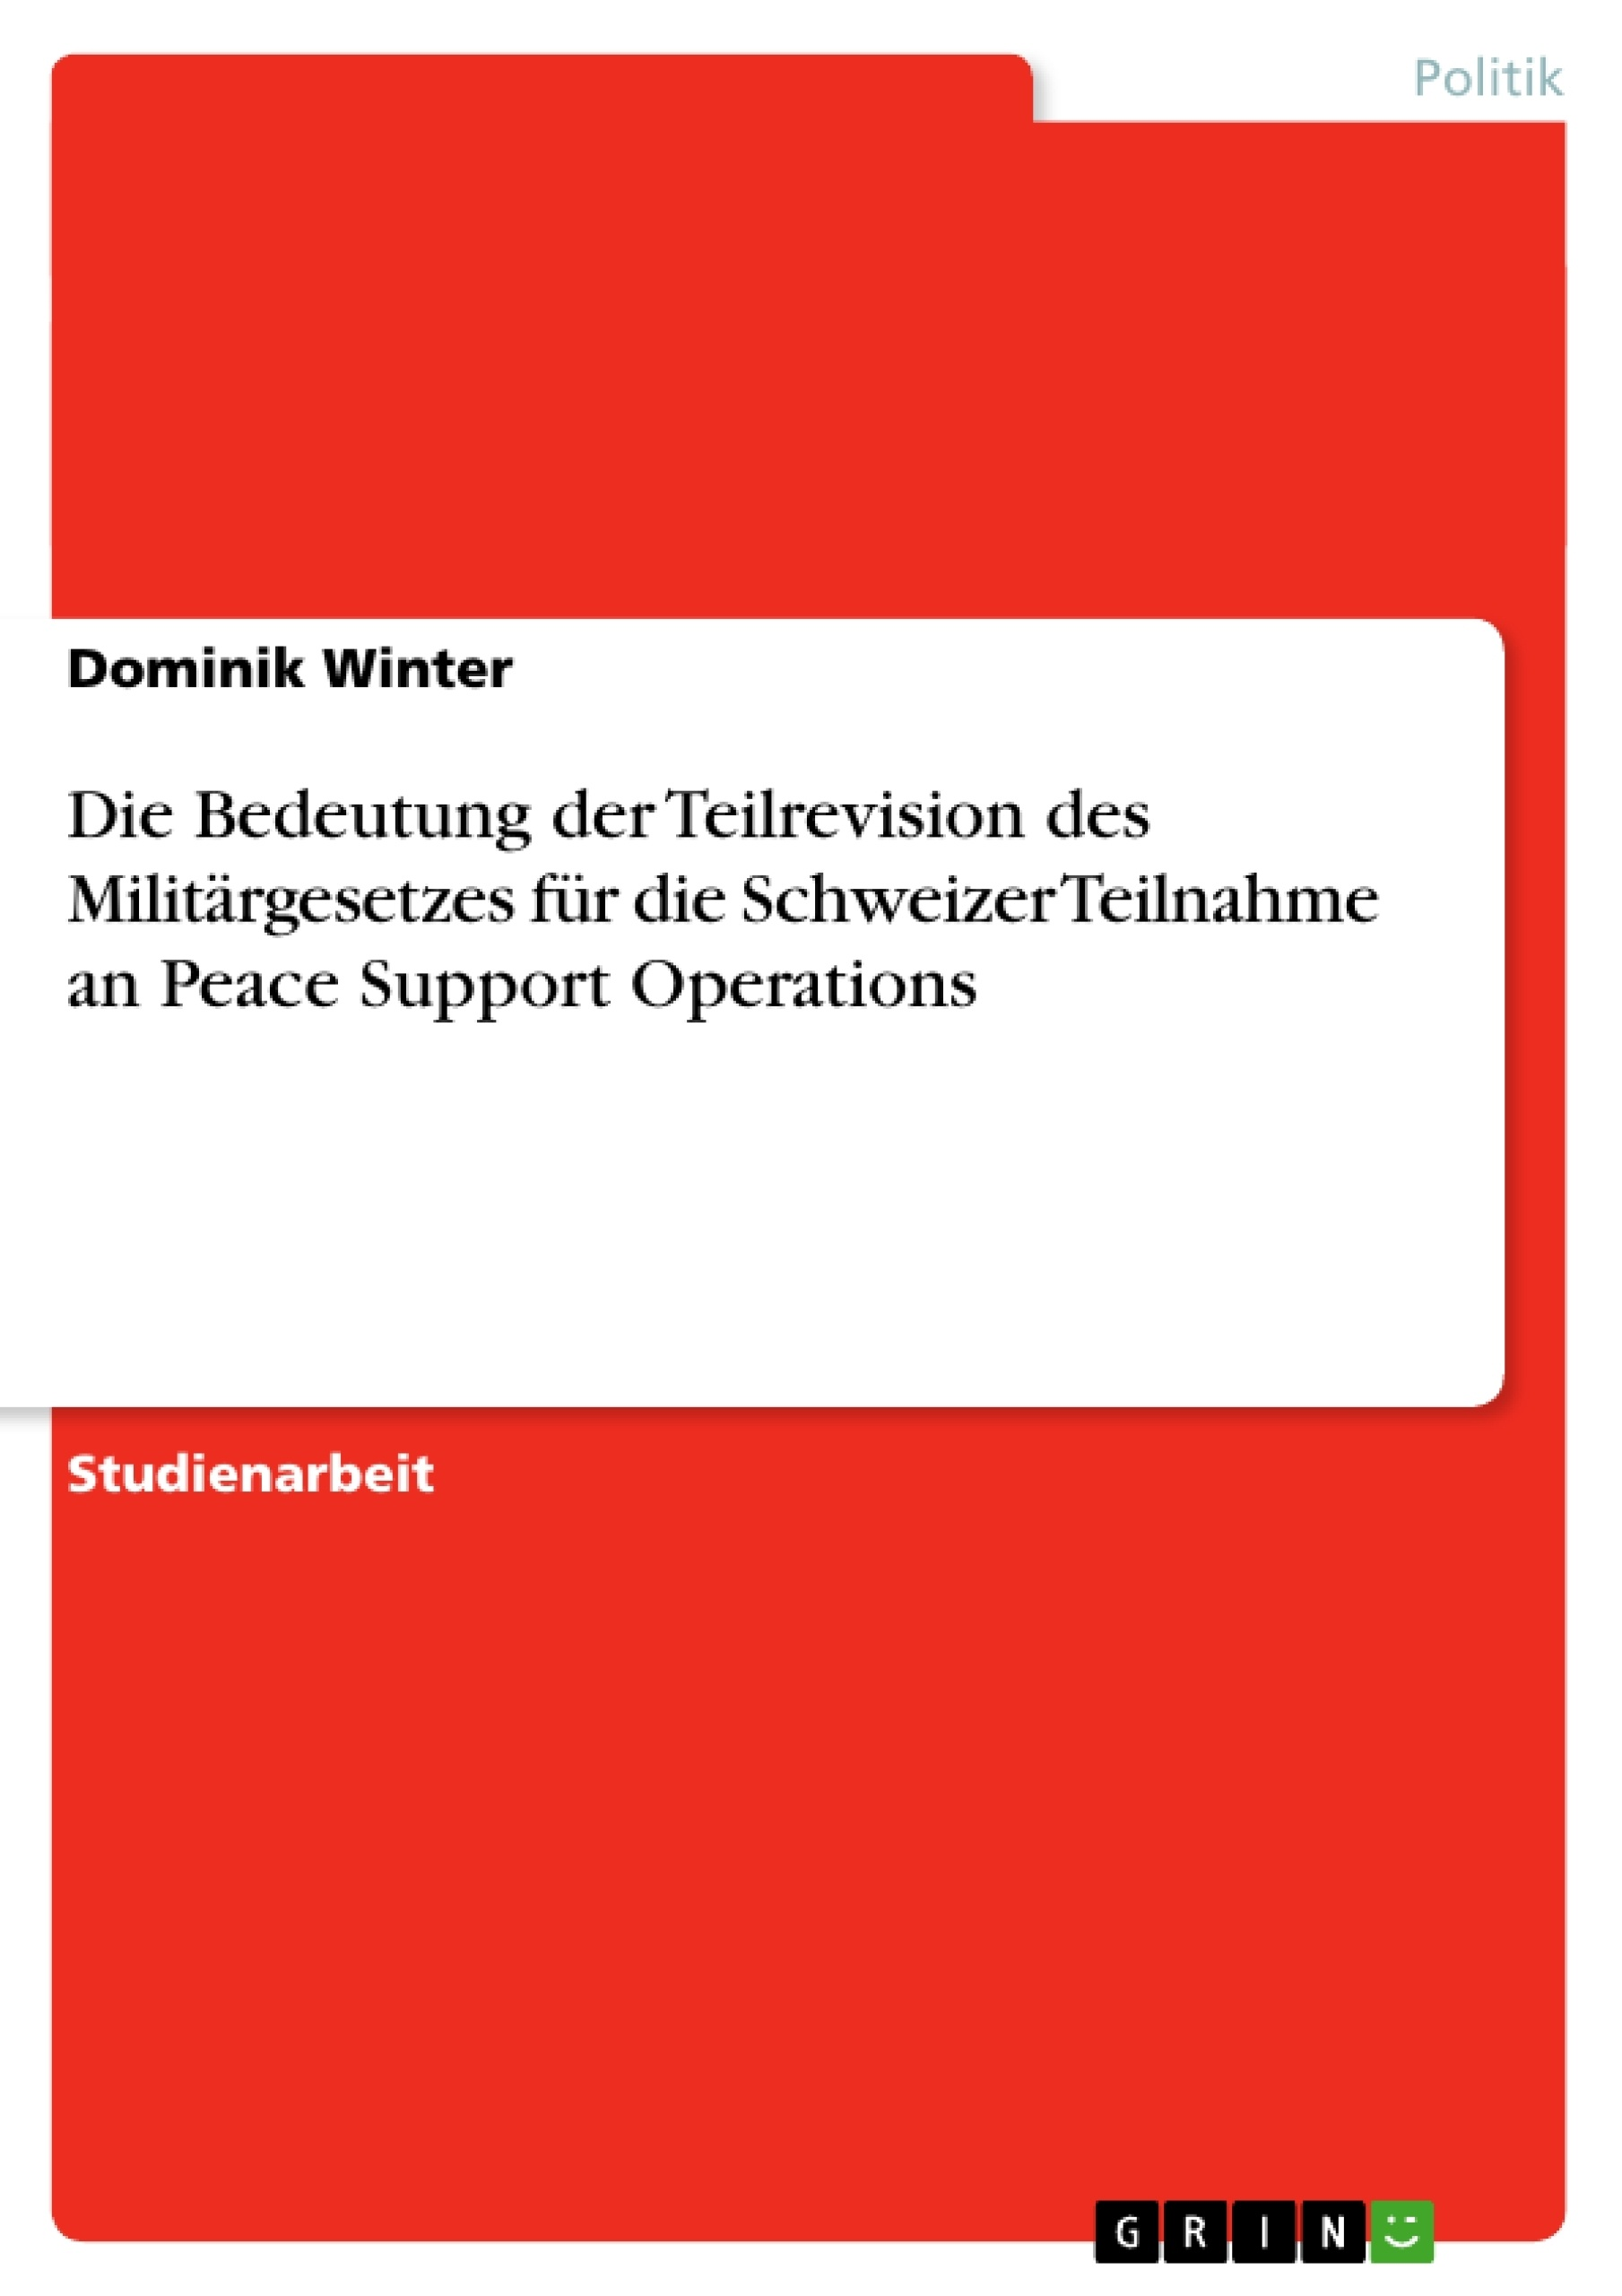 Titel: Die Bedeutung der Teilrevision des Militärgesetzes für die Schweizer Teilnahme an Peace Support Operations